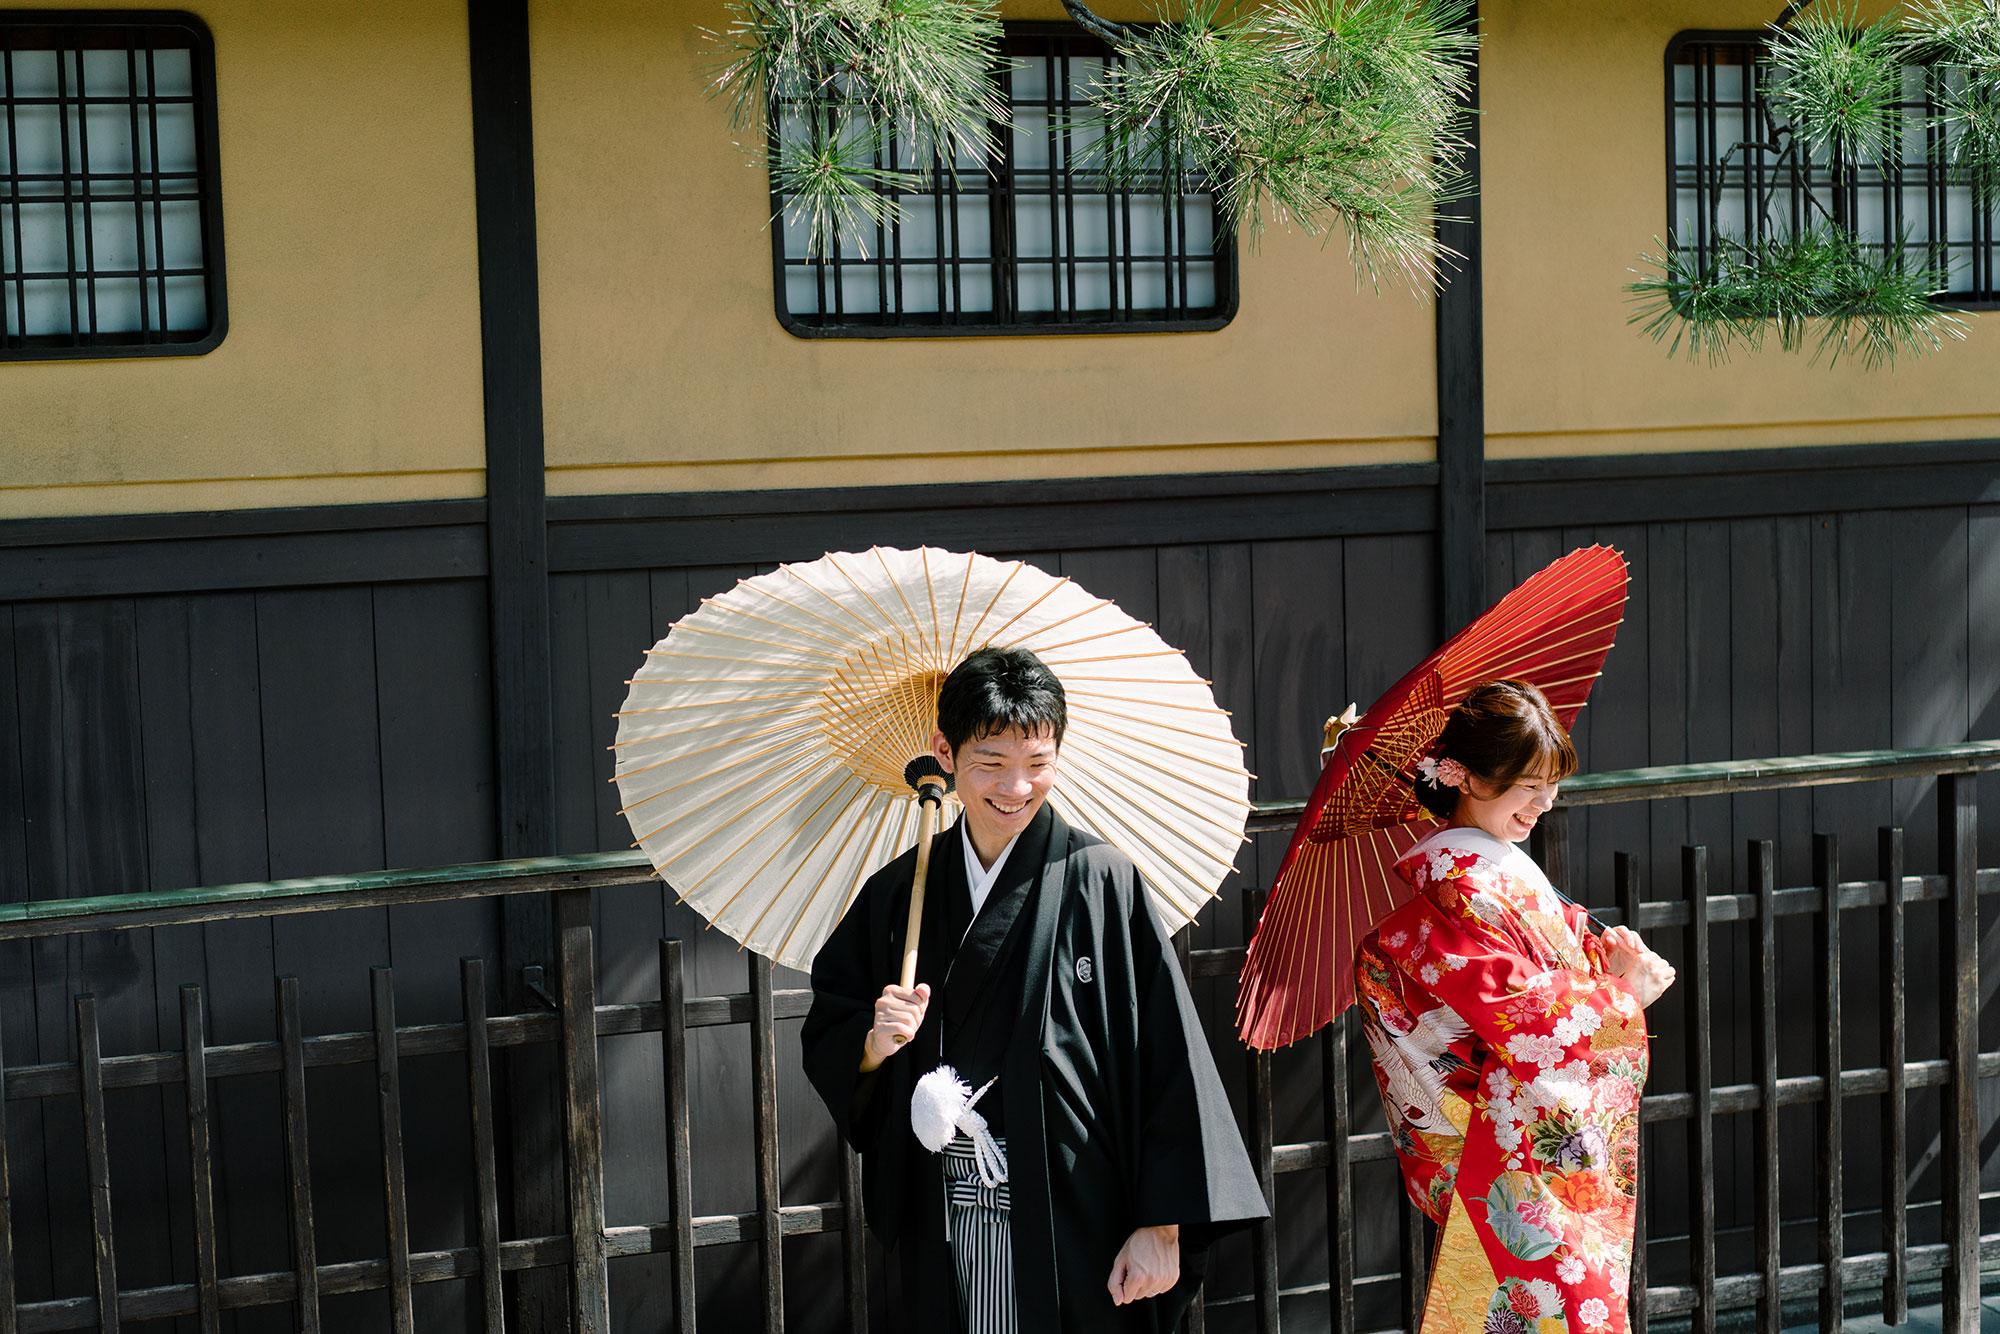 祇園新橋の和装前撮り2020年夏